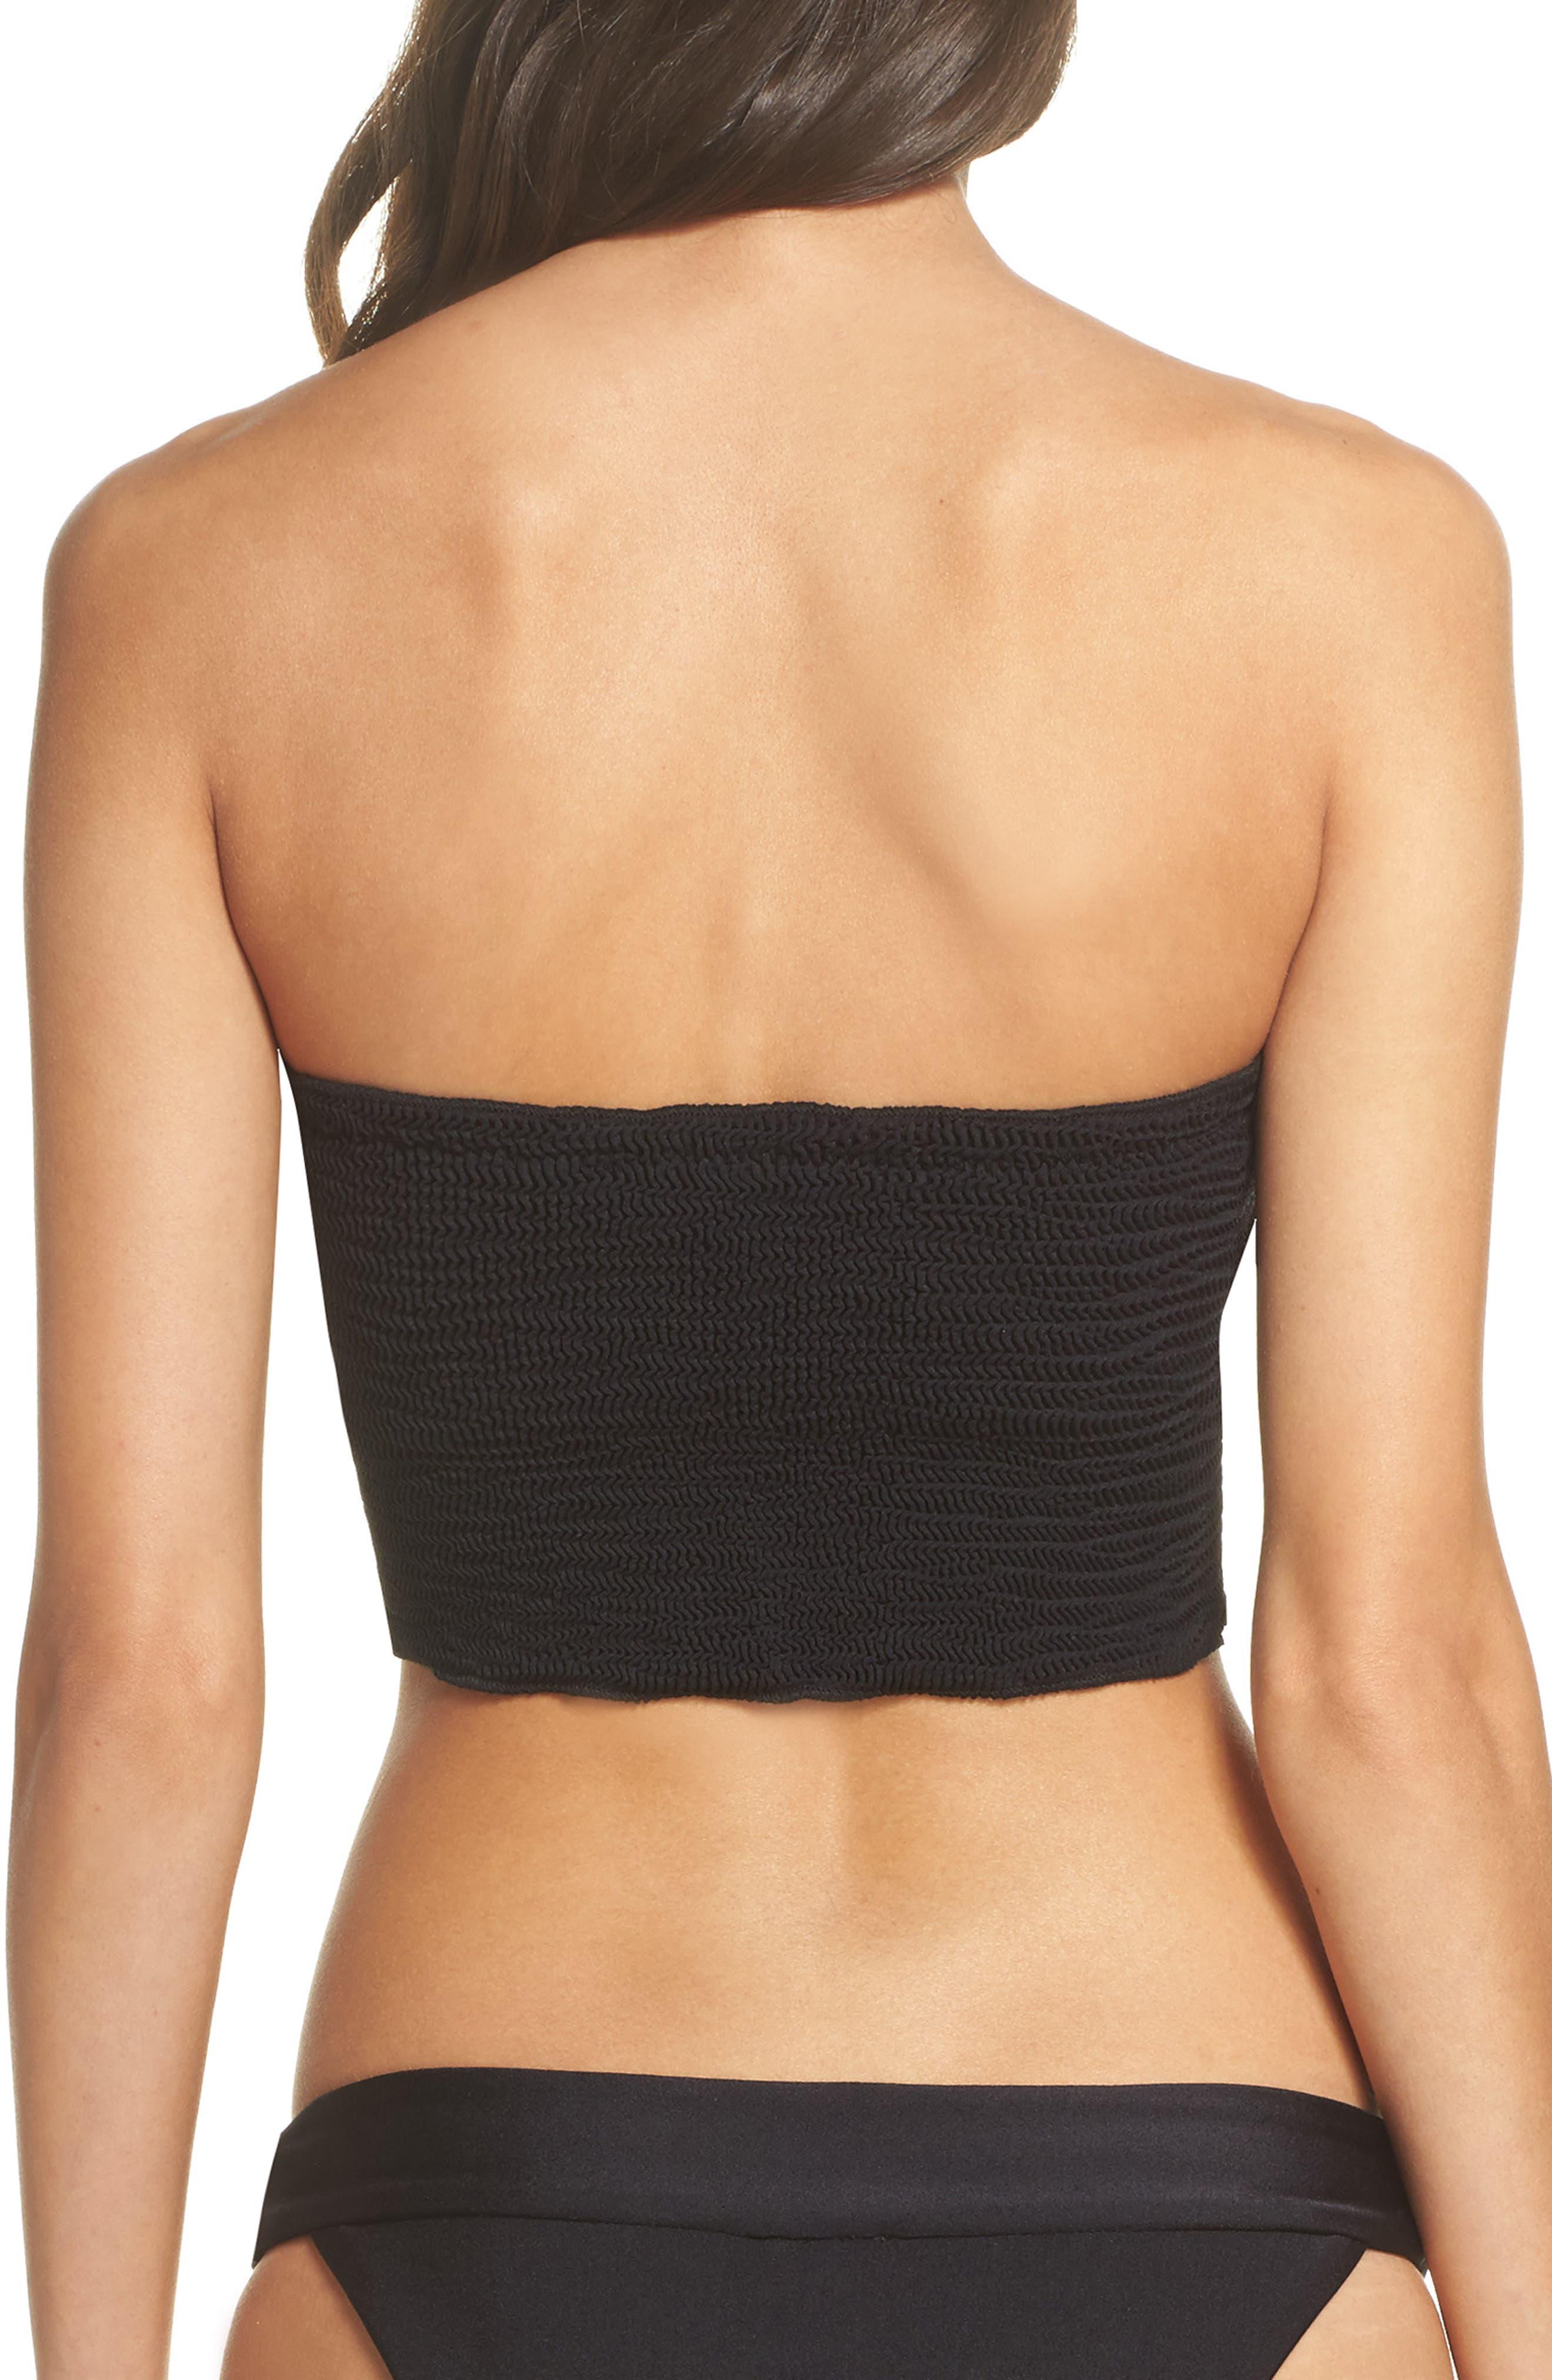 Tubular Bikini Top,                             Alternate thumbnail 2, color,                             001